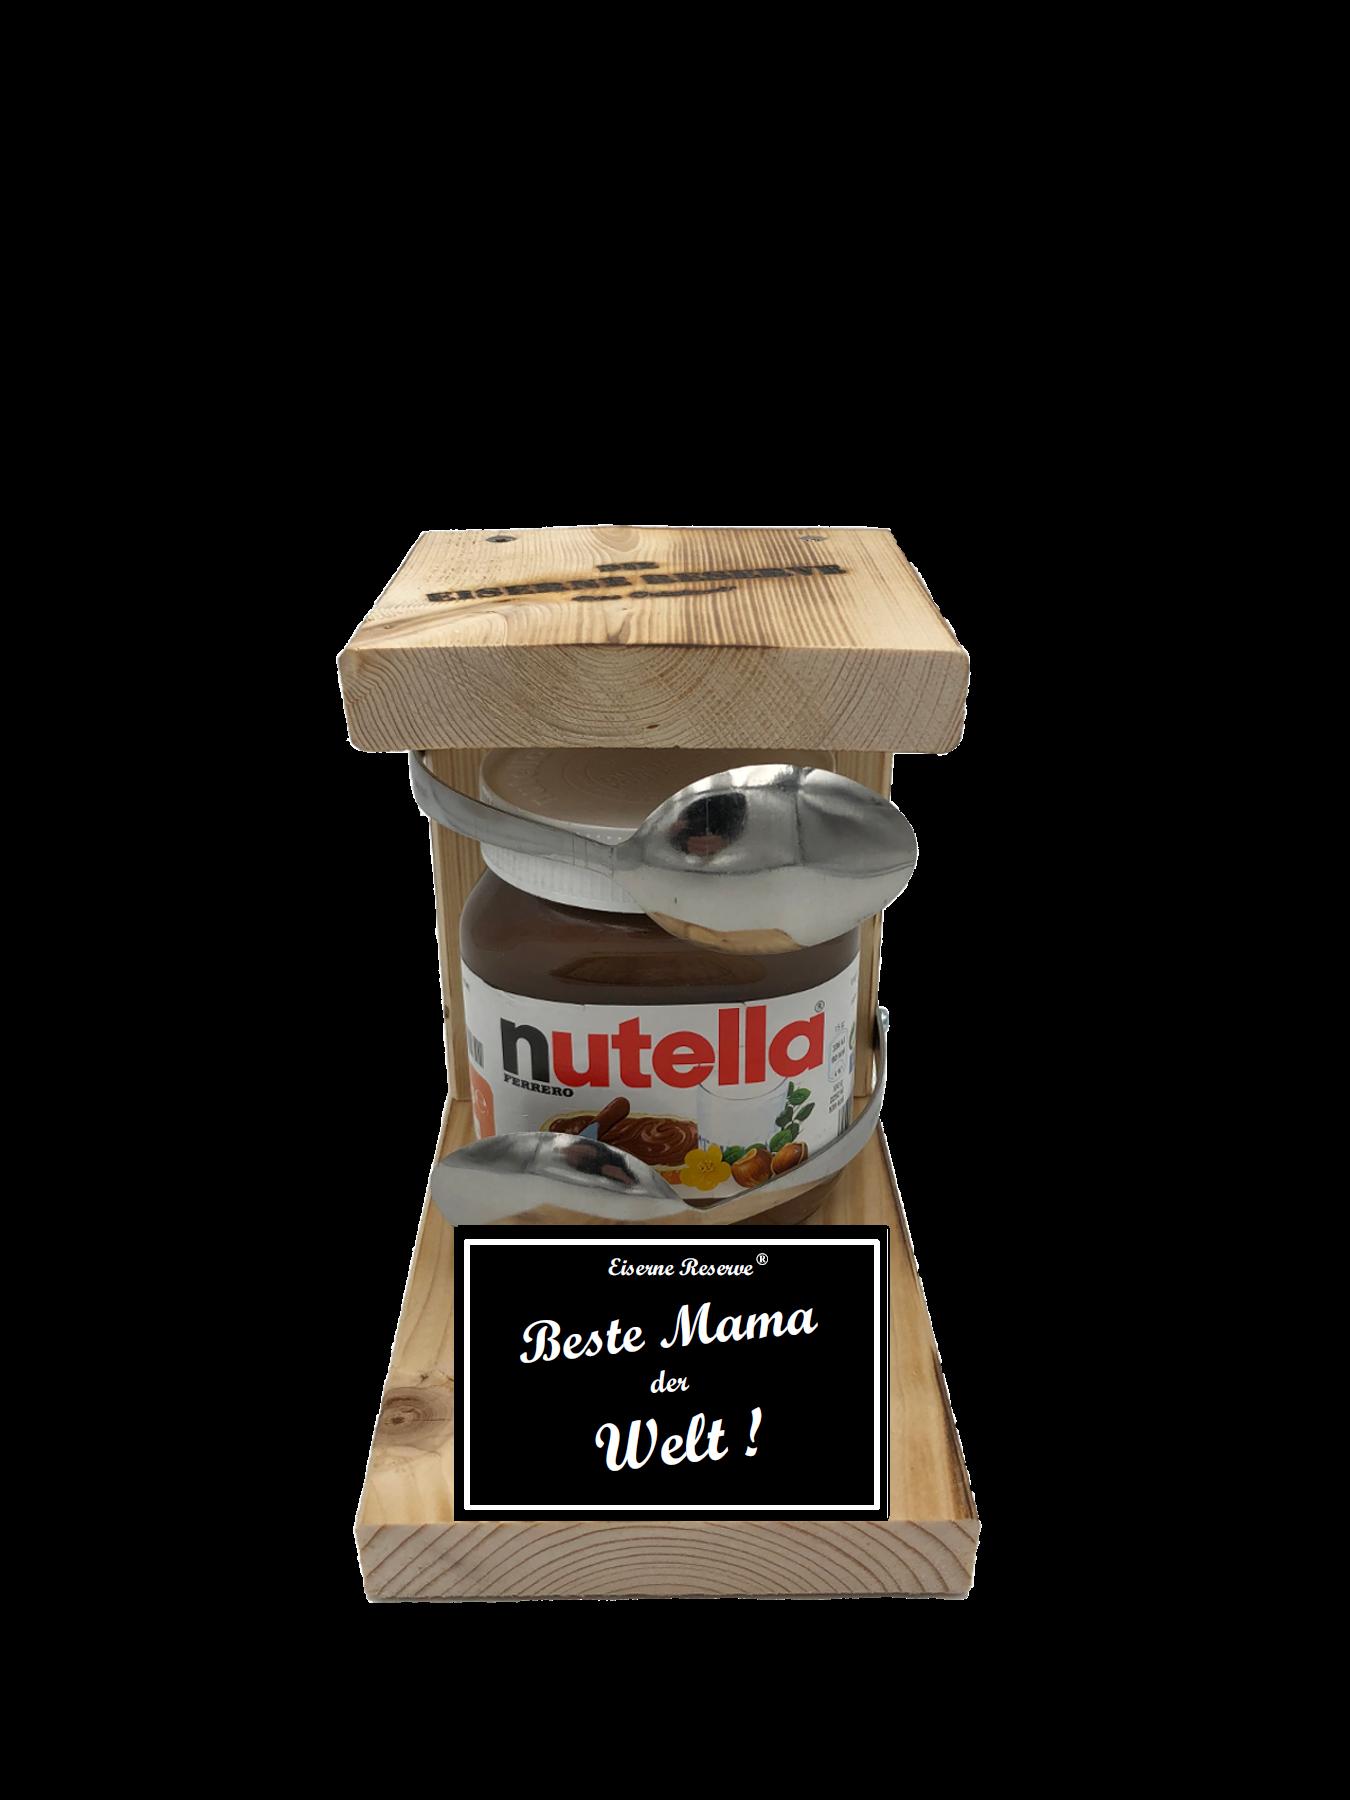 Beste Mama der Welt Löffel Nutella Geschenk - Die Nutella Geschenkidee